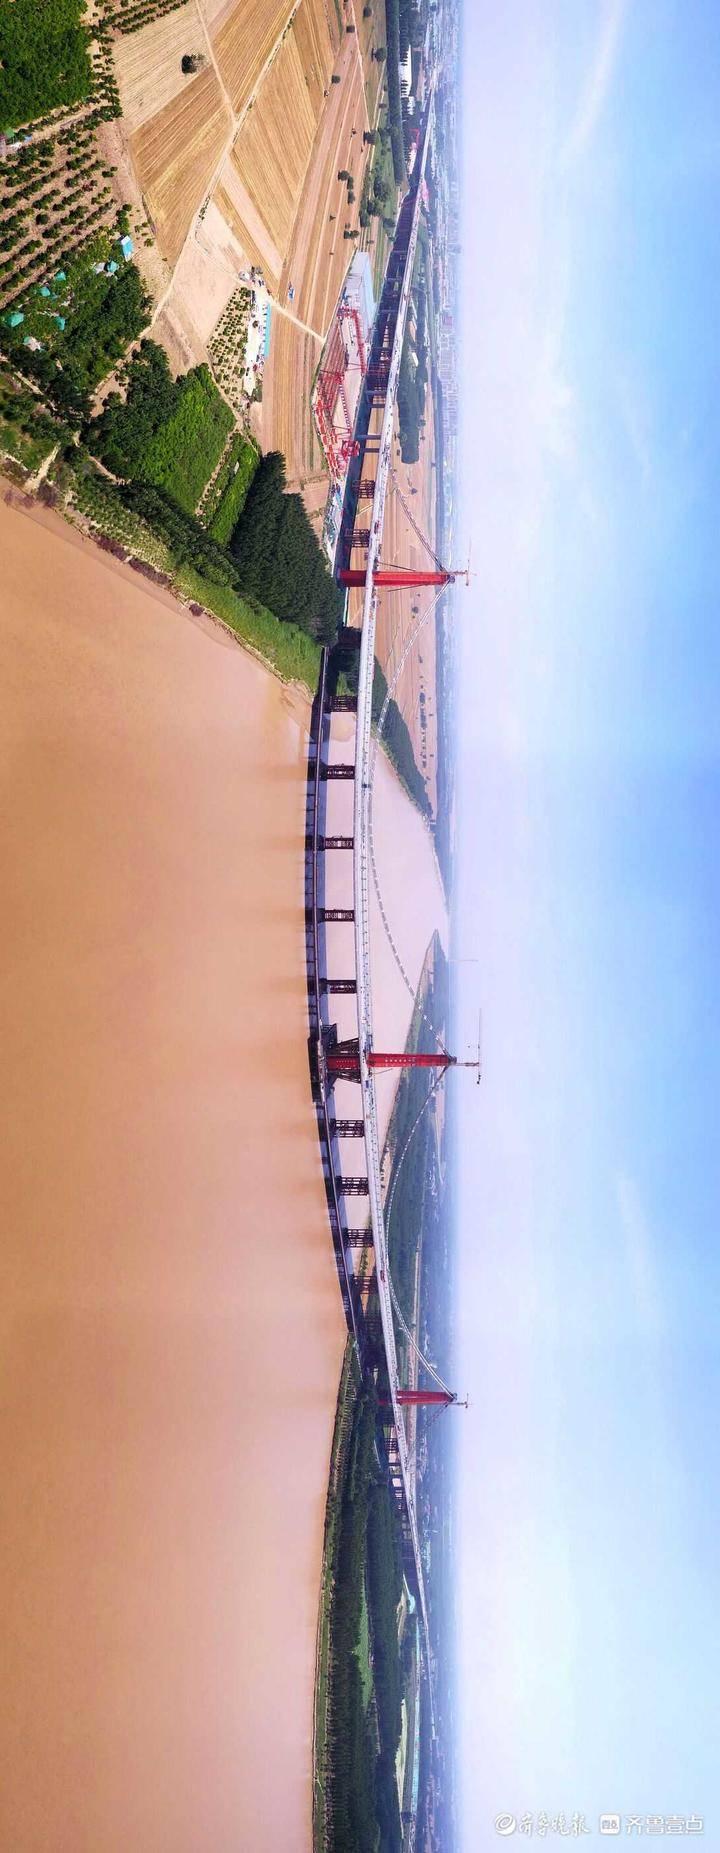 距离通车不远了,济南凤凰黄河大桥全景图太壮观